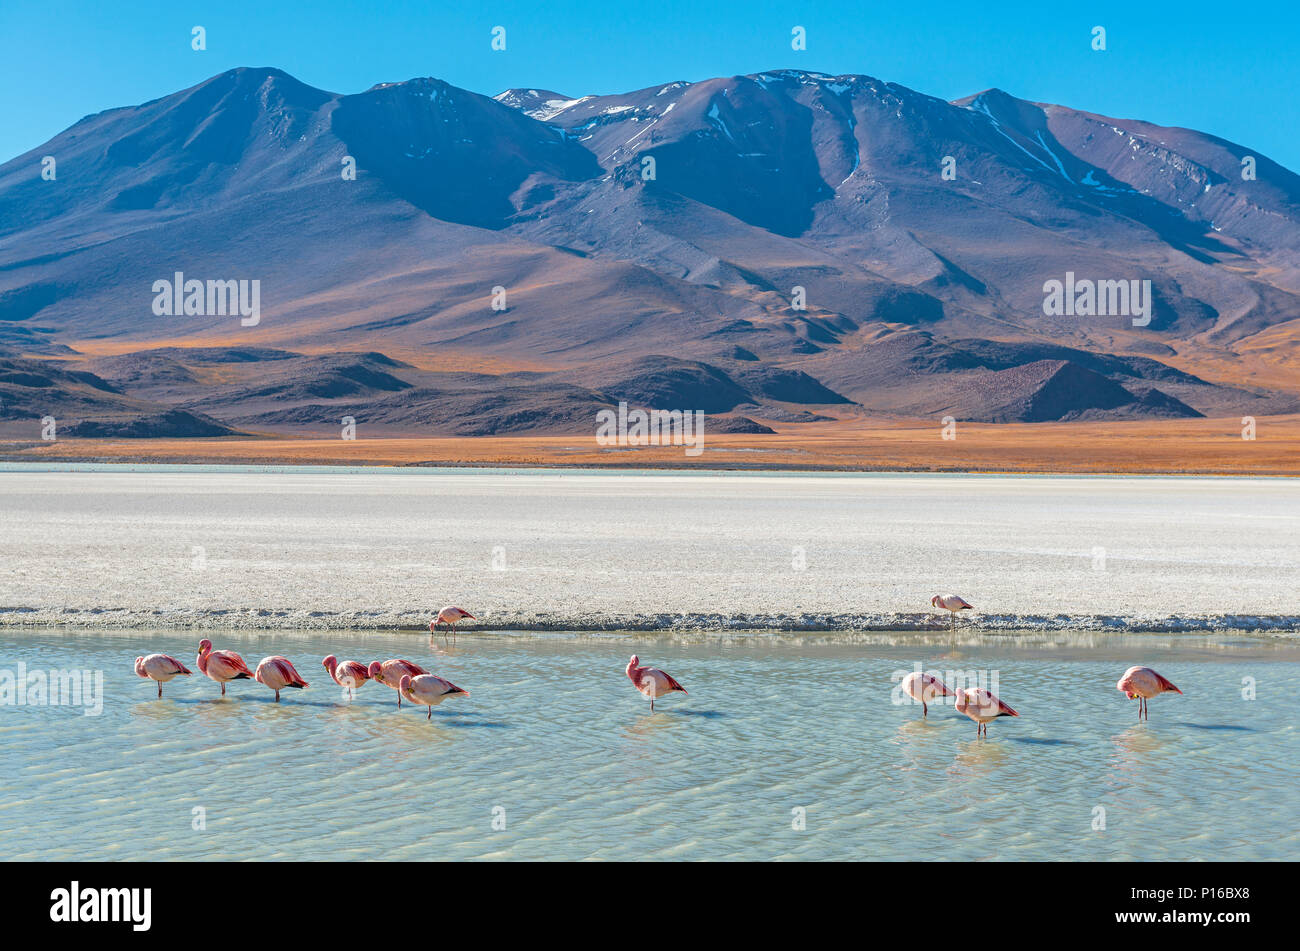 Landschaft Foto mit ein paar hundert James und chilenische Flamingos in der CANAPA Lagoon in den Anden in der Nähe der Salzsee von Uyuni, Bolivien Stockbild